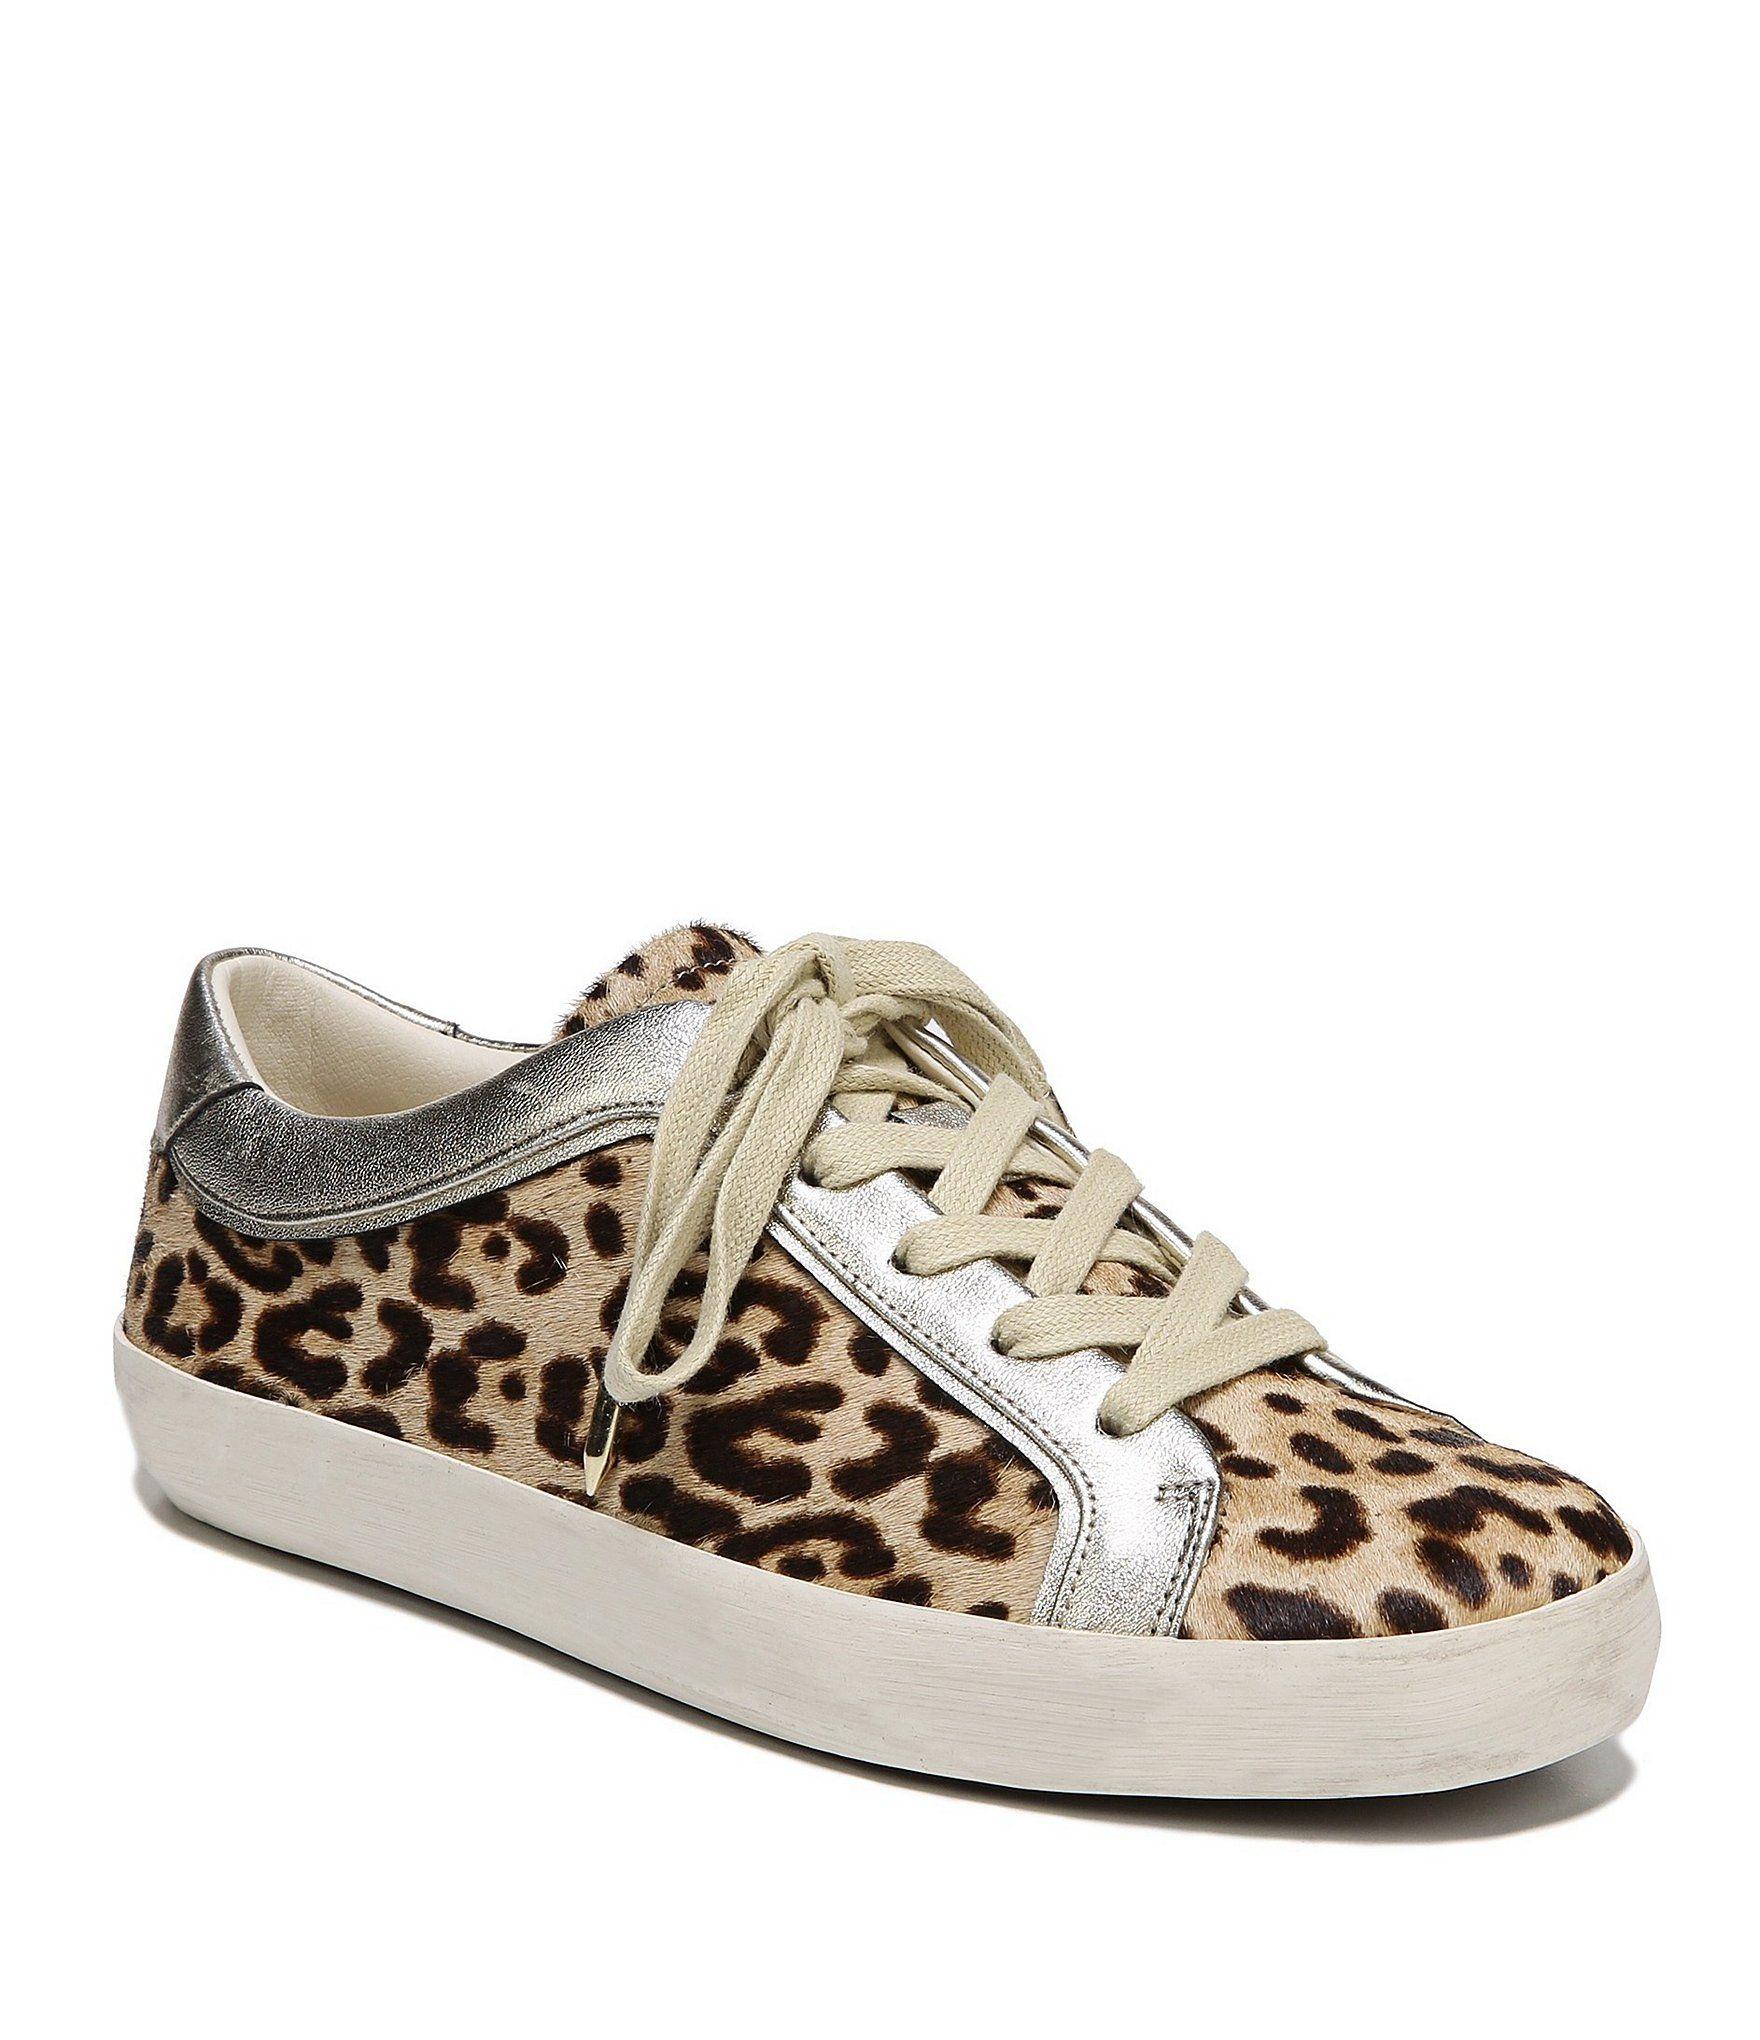 a273f3f09 Shop for Sam Edelman Britton 2 Leopard Print Brahma Hair Sneakers at ...